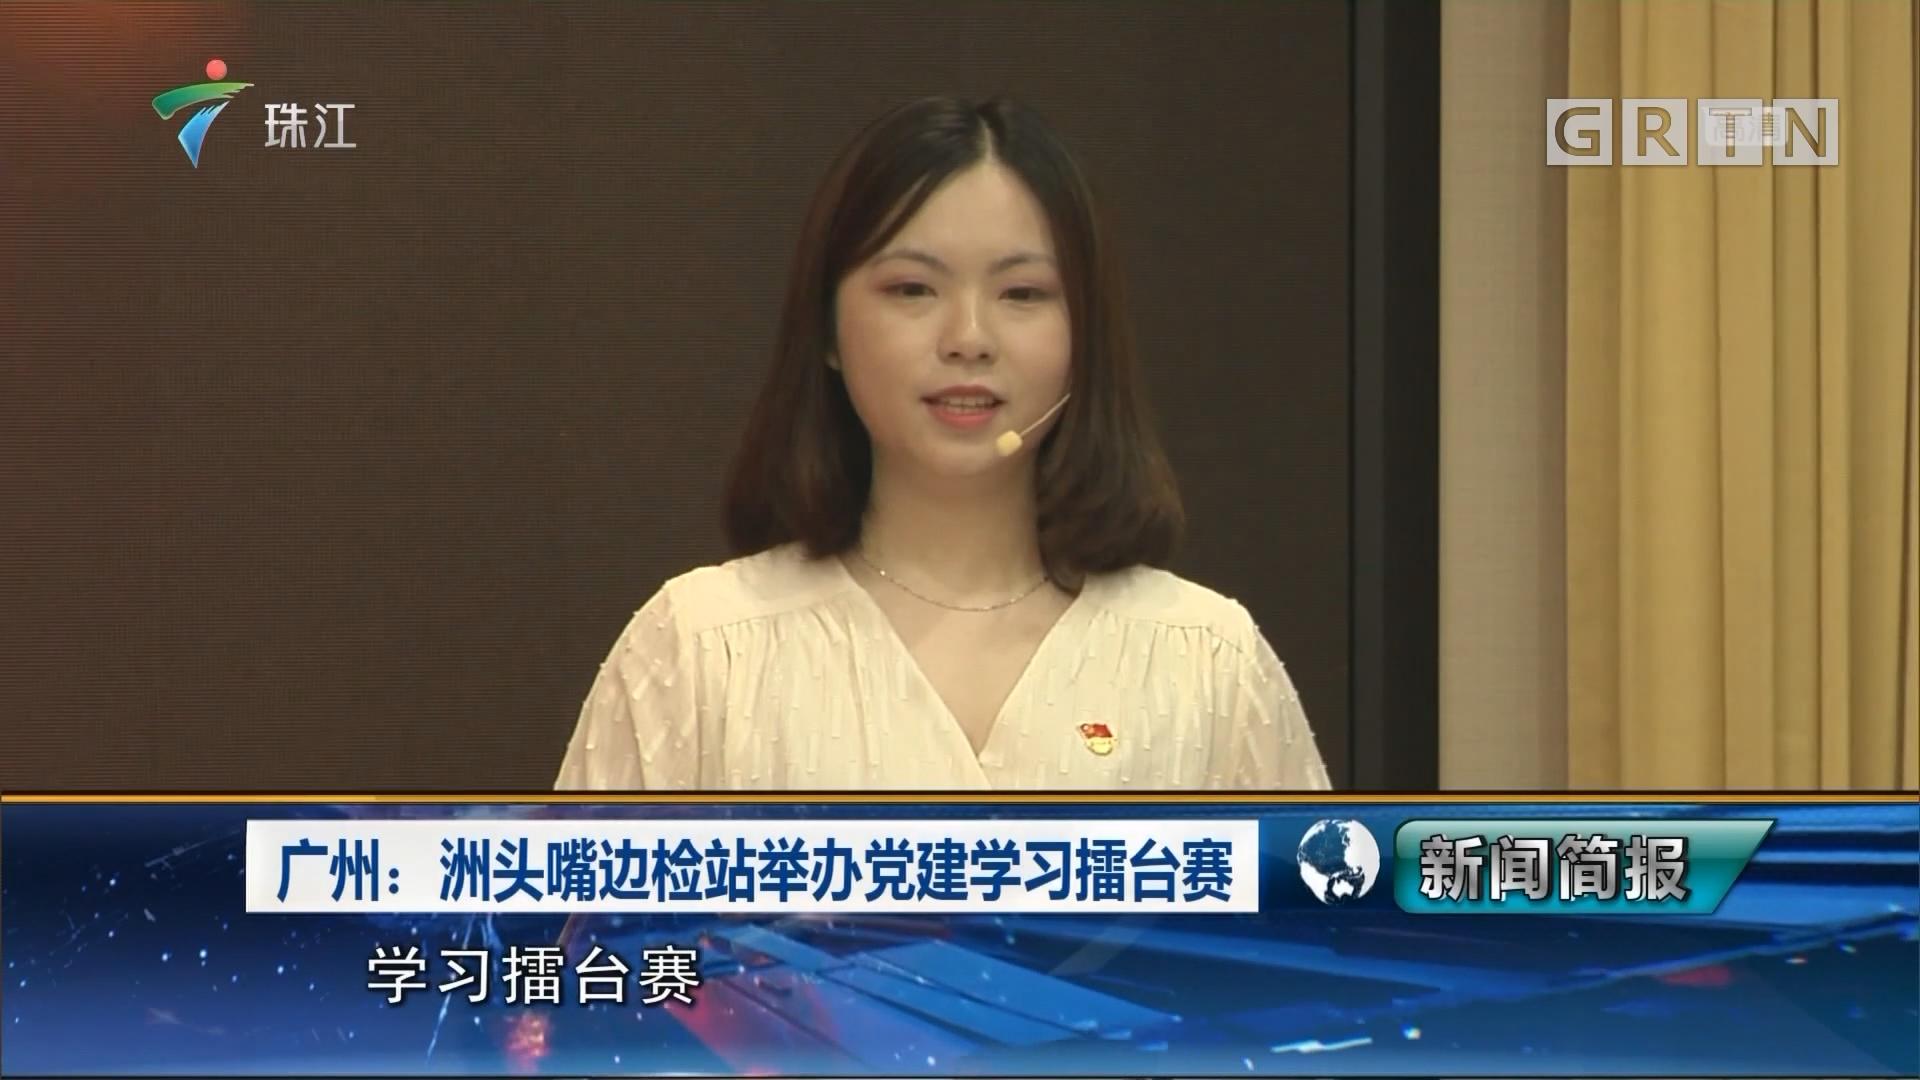 广州:洲头嘴边检站举办党建学习擂台赛